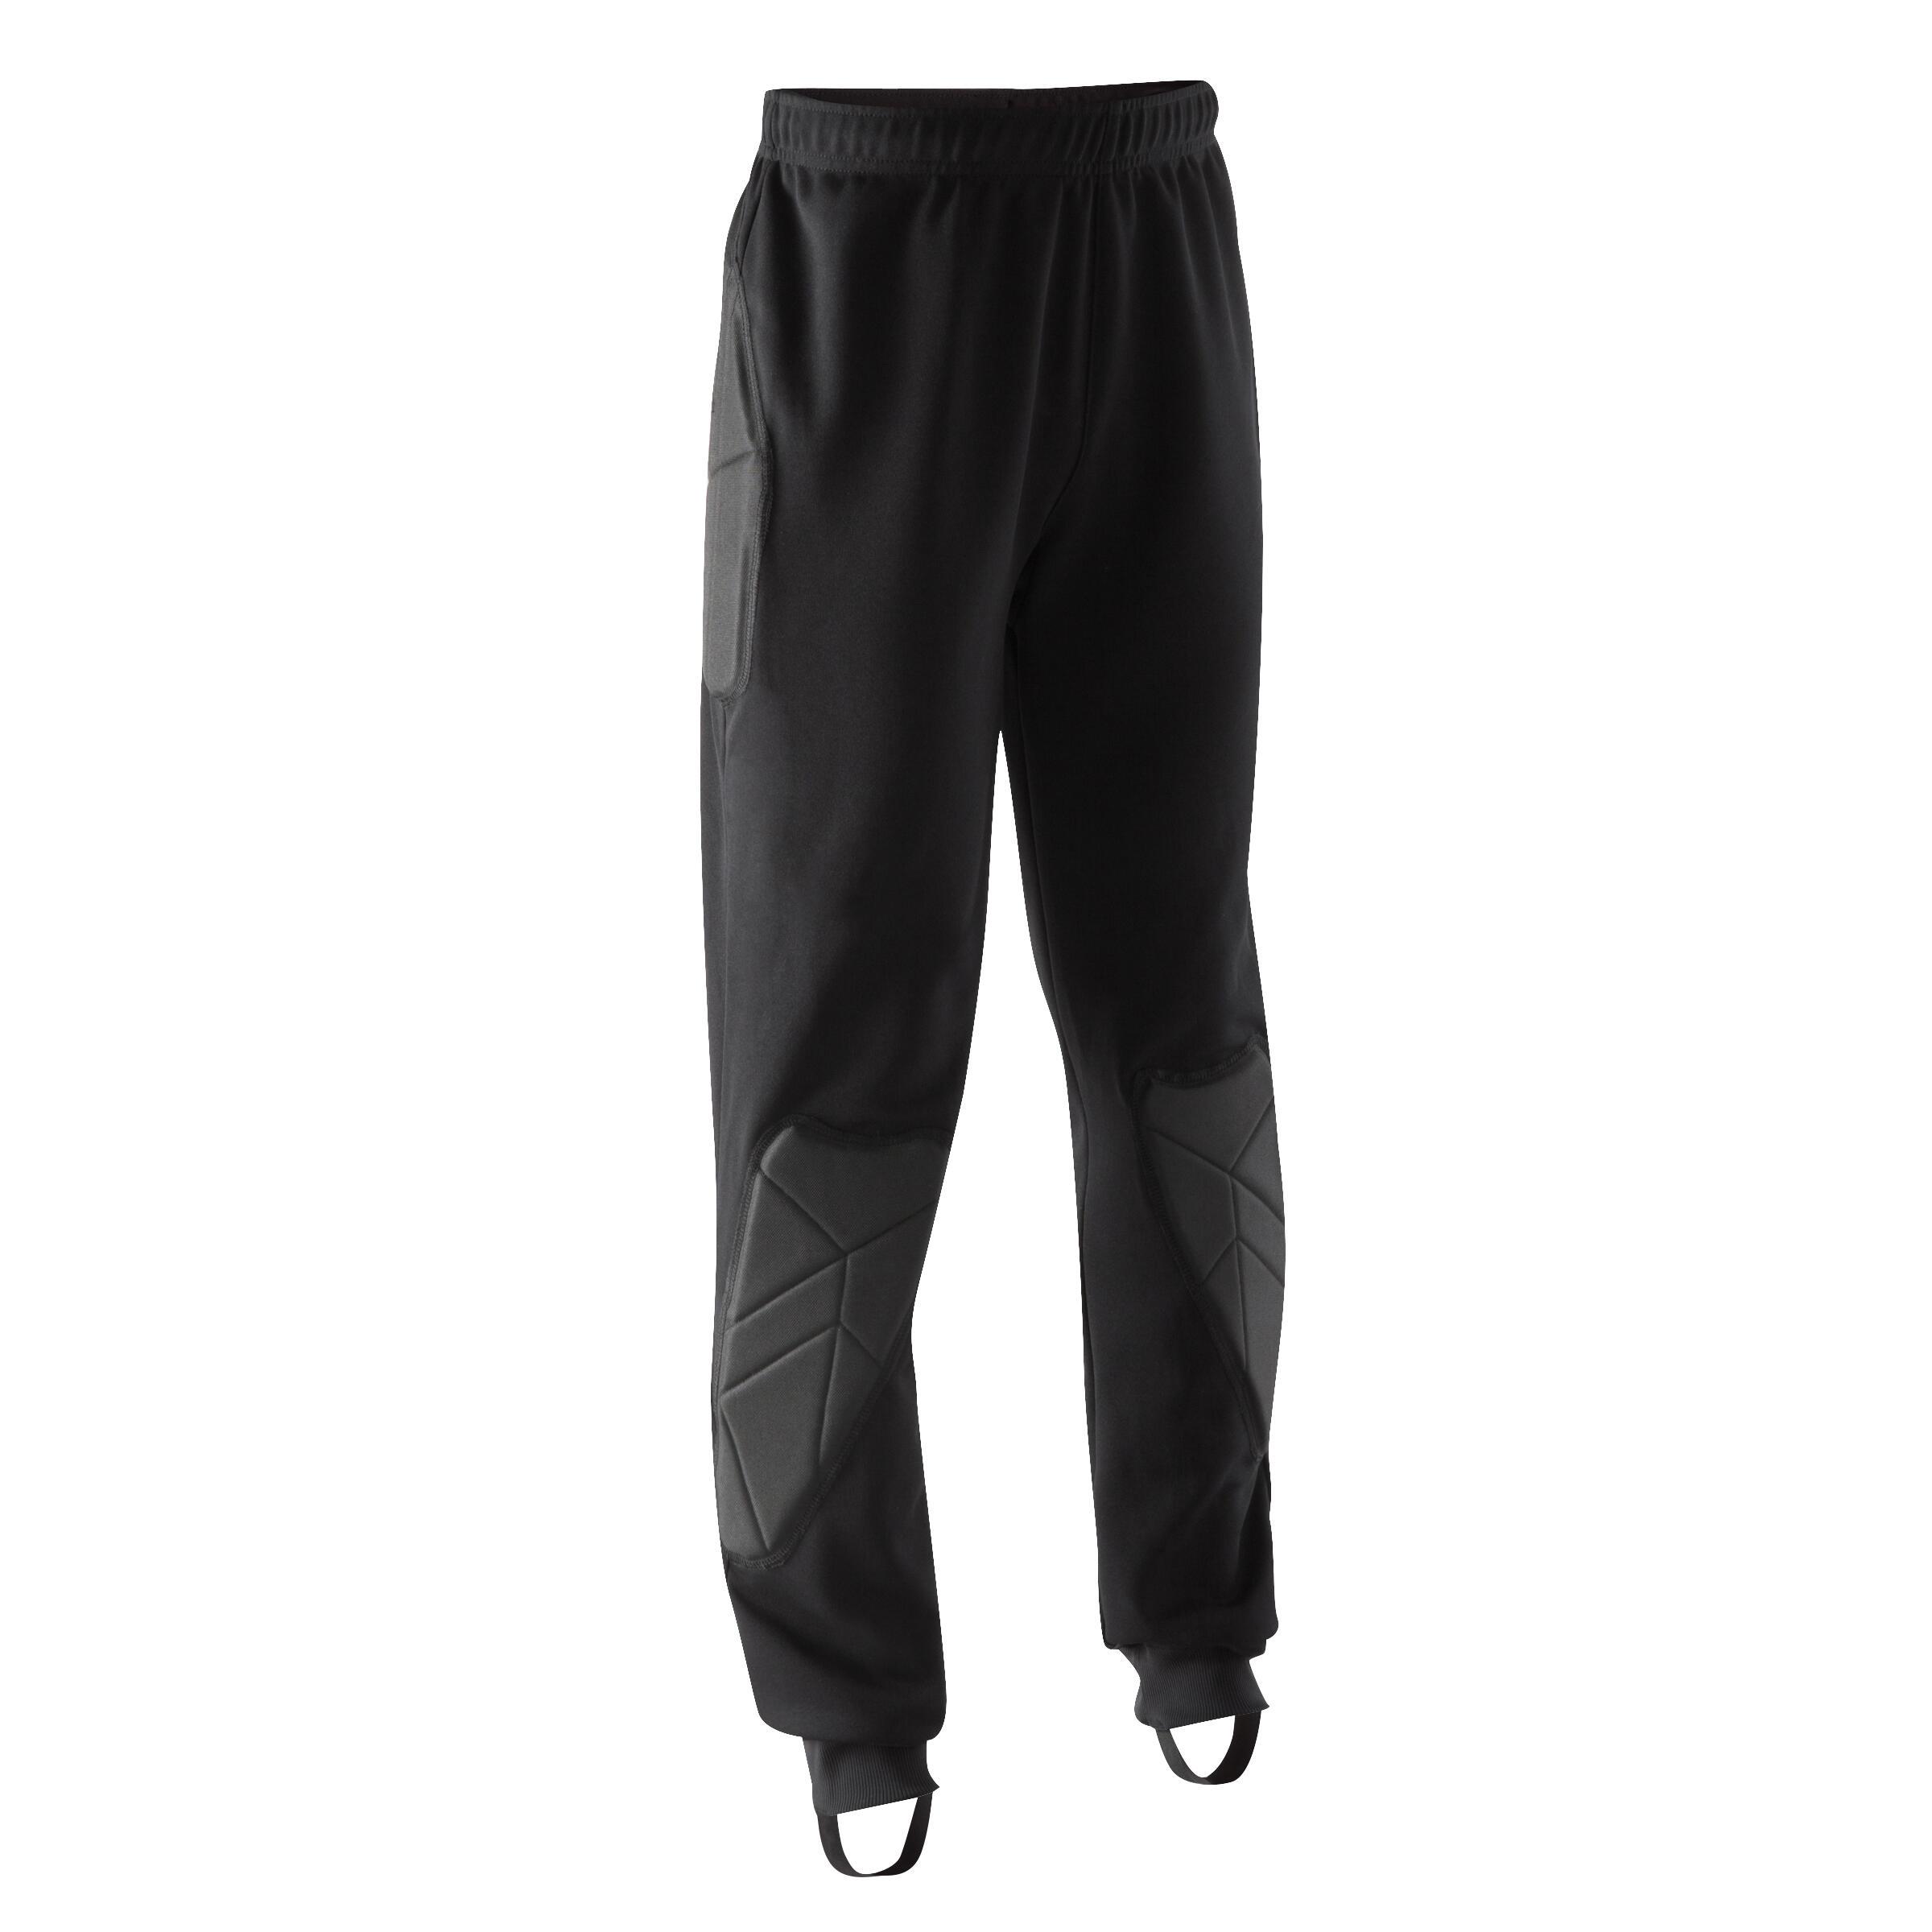 Pantalon Portar Fotbal F100 la Reducere poza